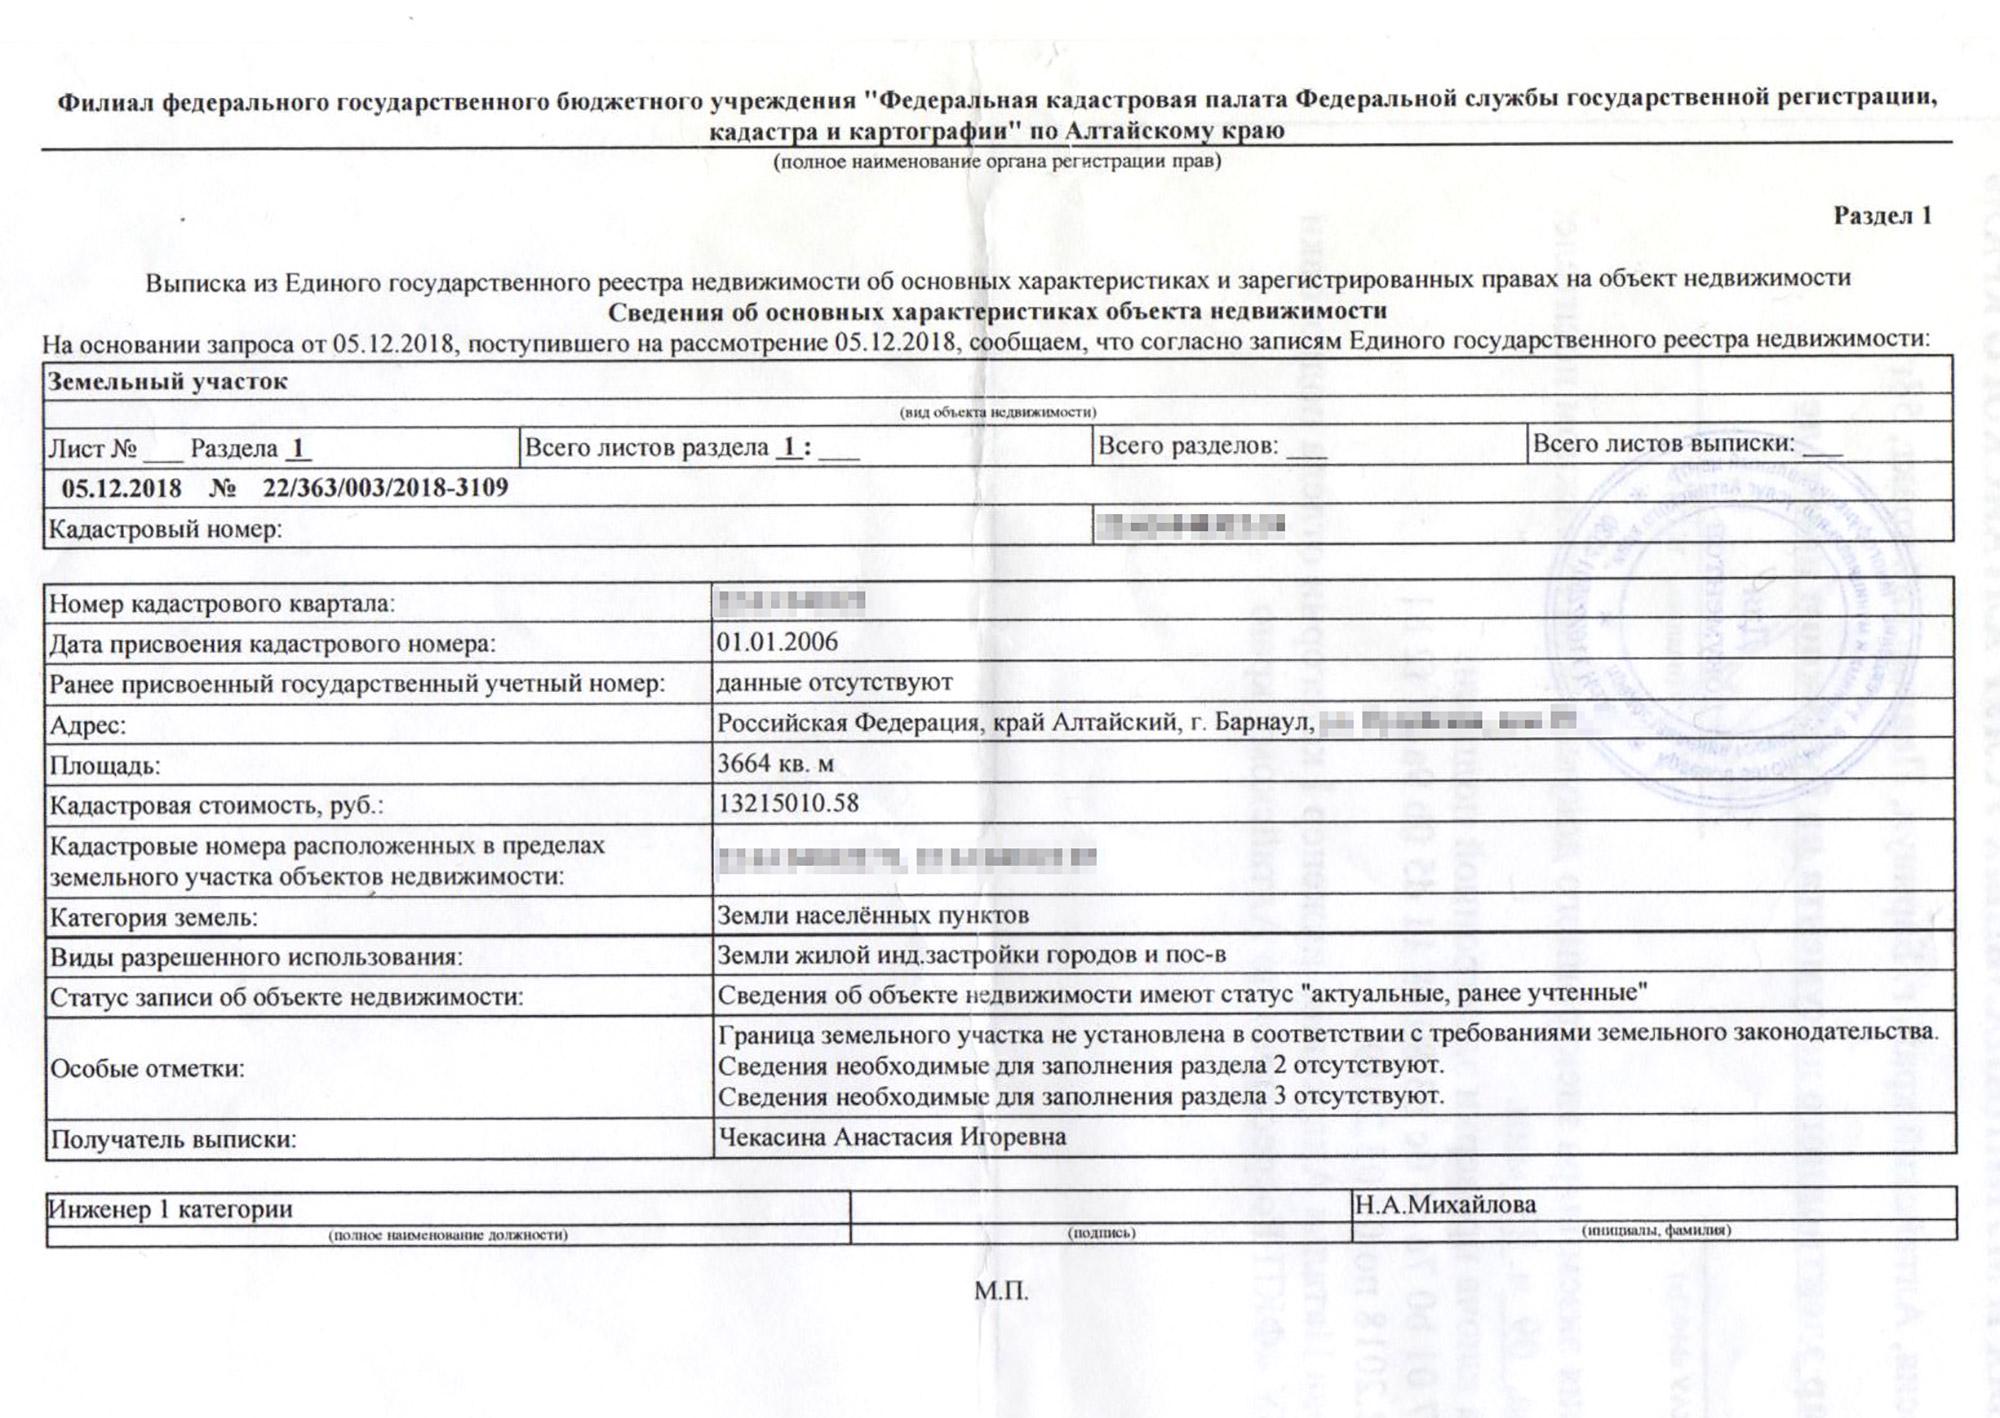 По выписке из ЕГРН видно, что у земельного участка нет собственников